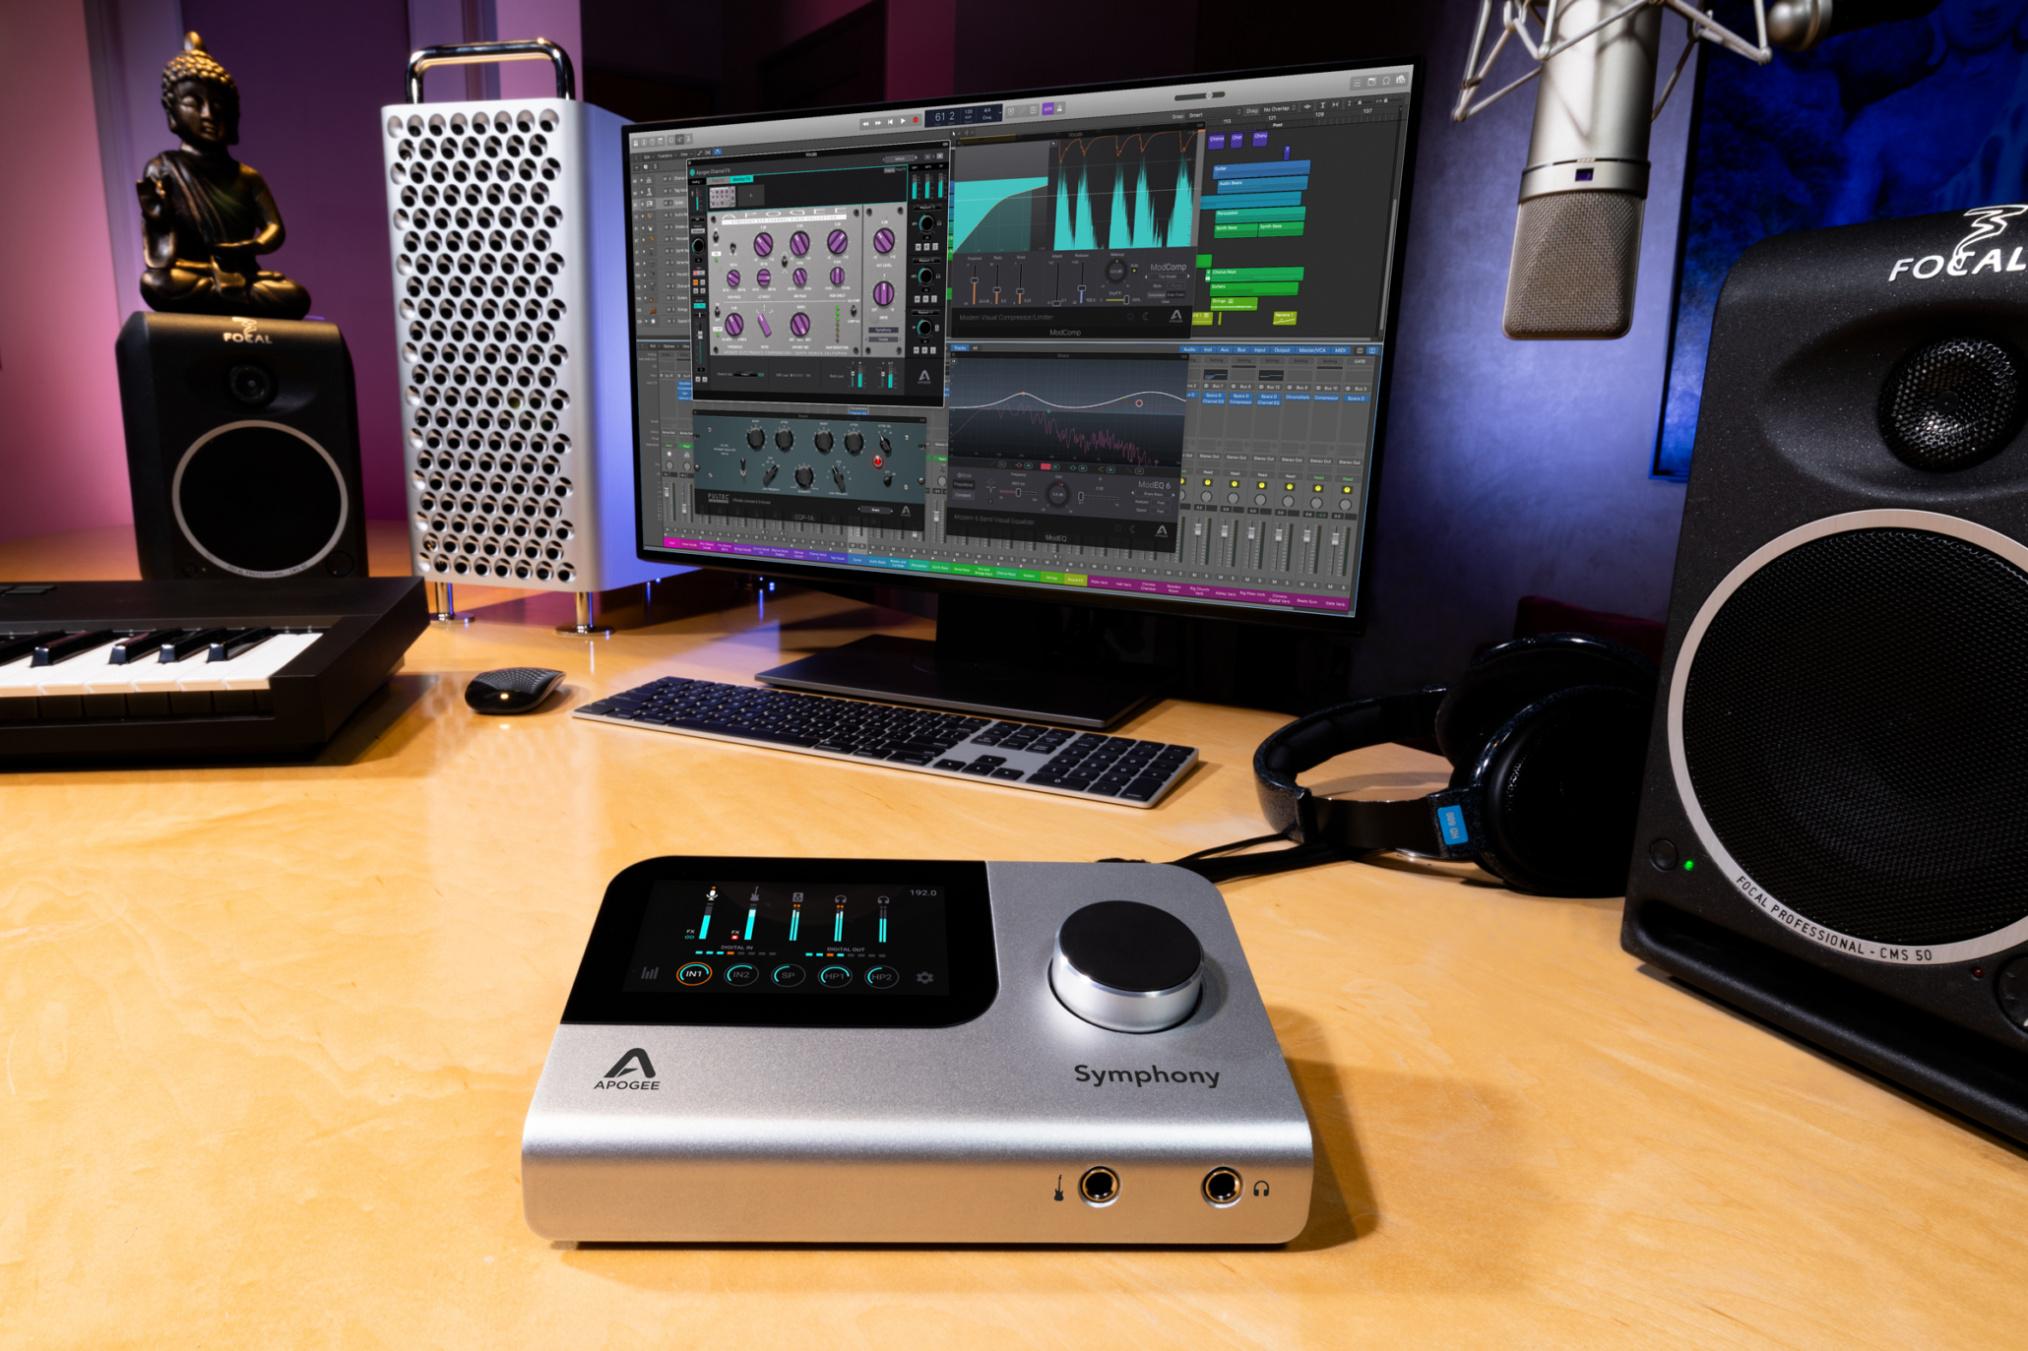 Apogee-SIO-Desktop-Lifestyle-01-9Y1A0351-2400-2060x1373.jpg